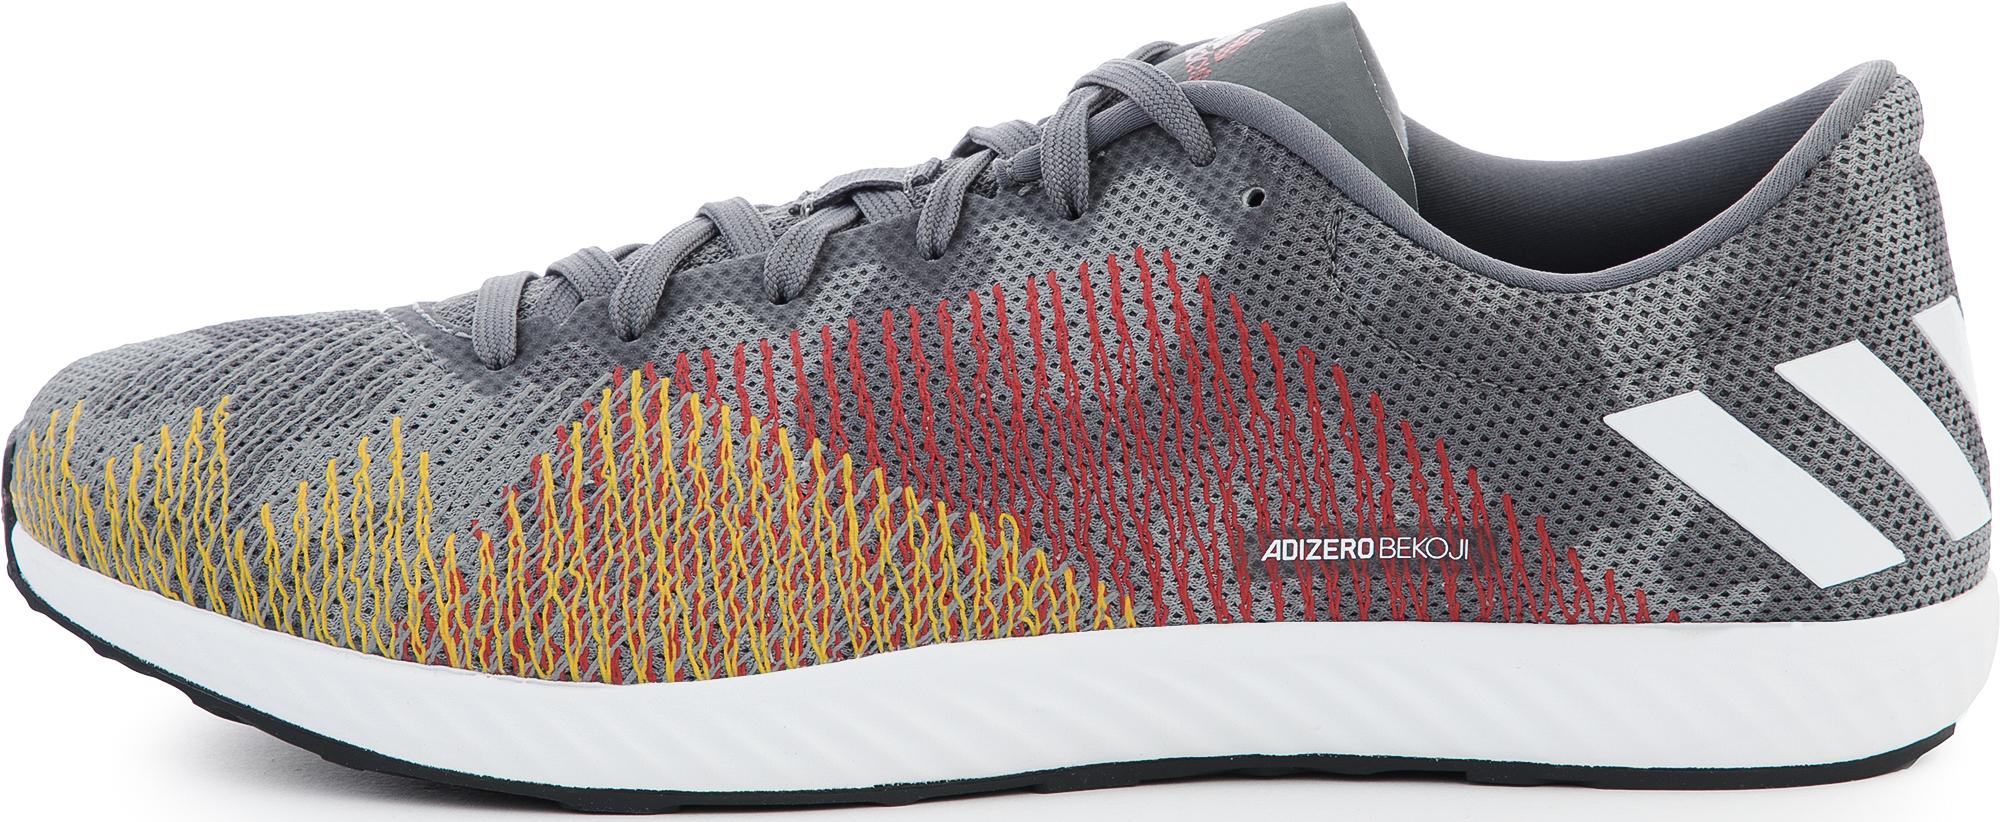 цена Adidas Кроссовки мужские Adidas Adizero Bekoji, размер 46 онлайн в 2017 году